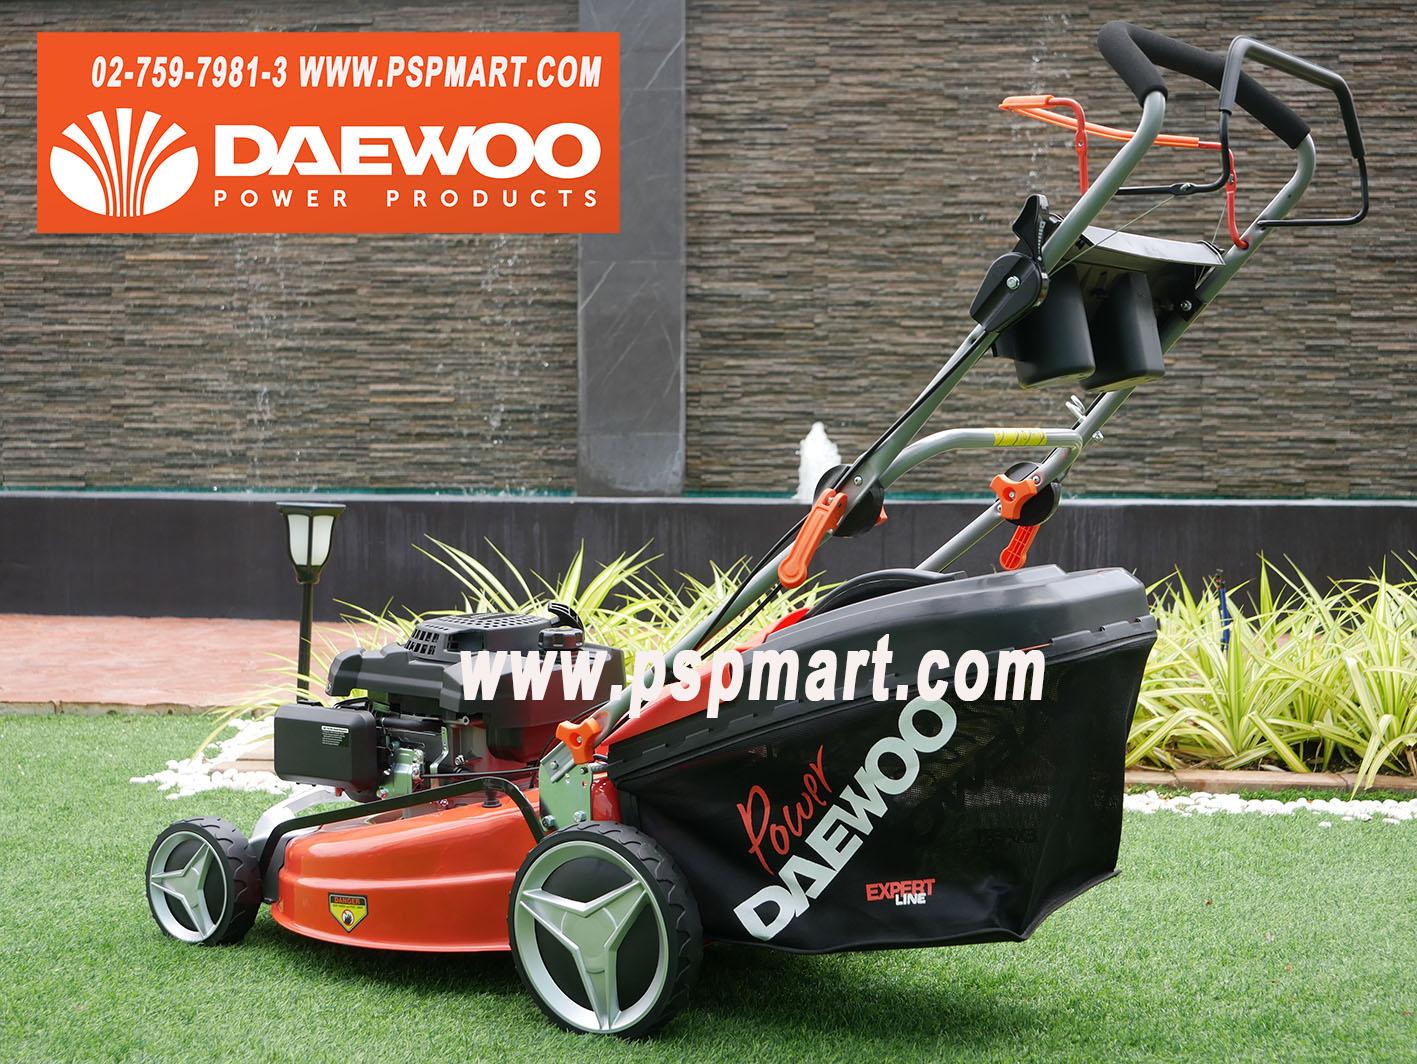 DAEWOO DLM5300SPรถเข็นตัดหญ้าเครื่องยนต์เบนซิน4จังหวะ